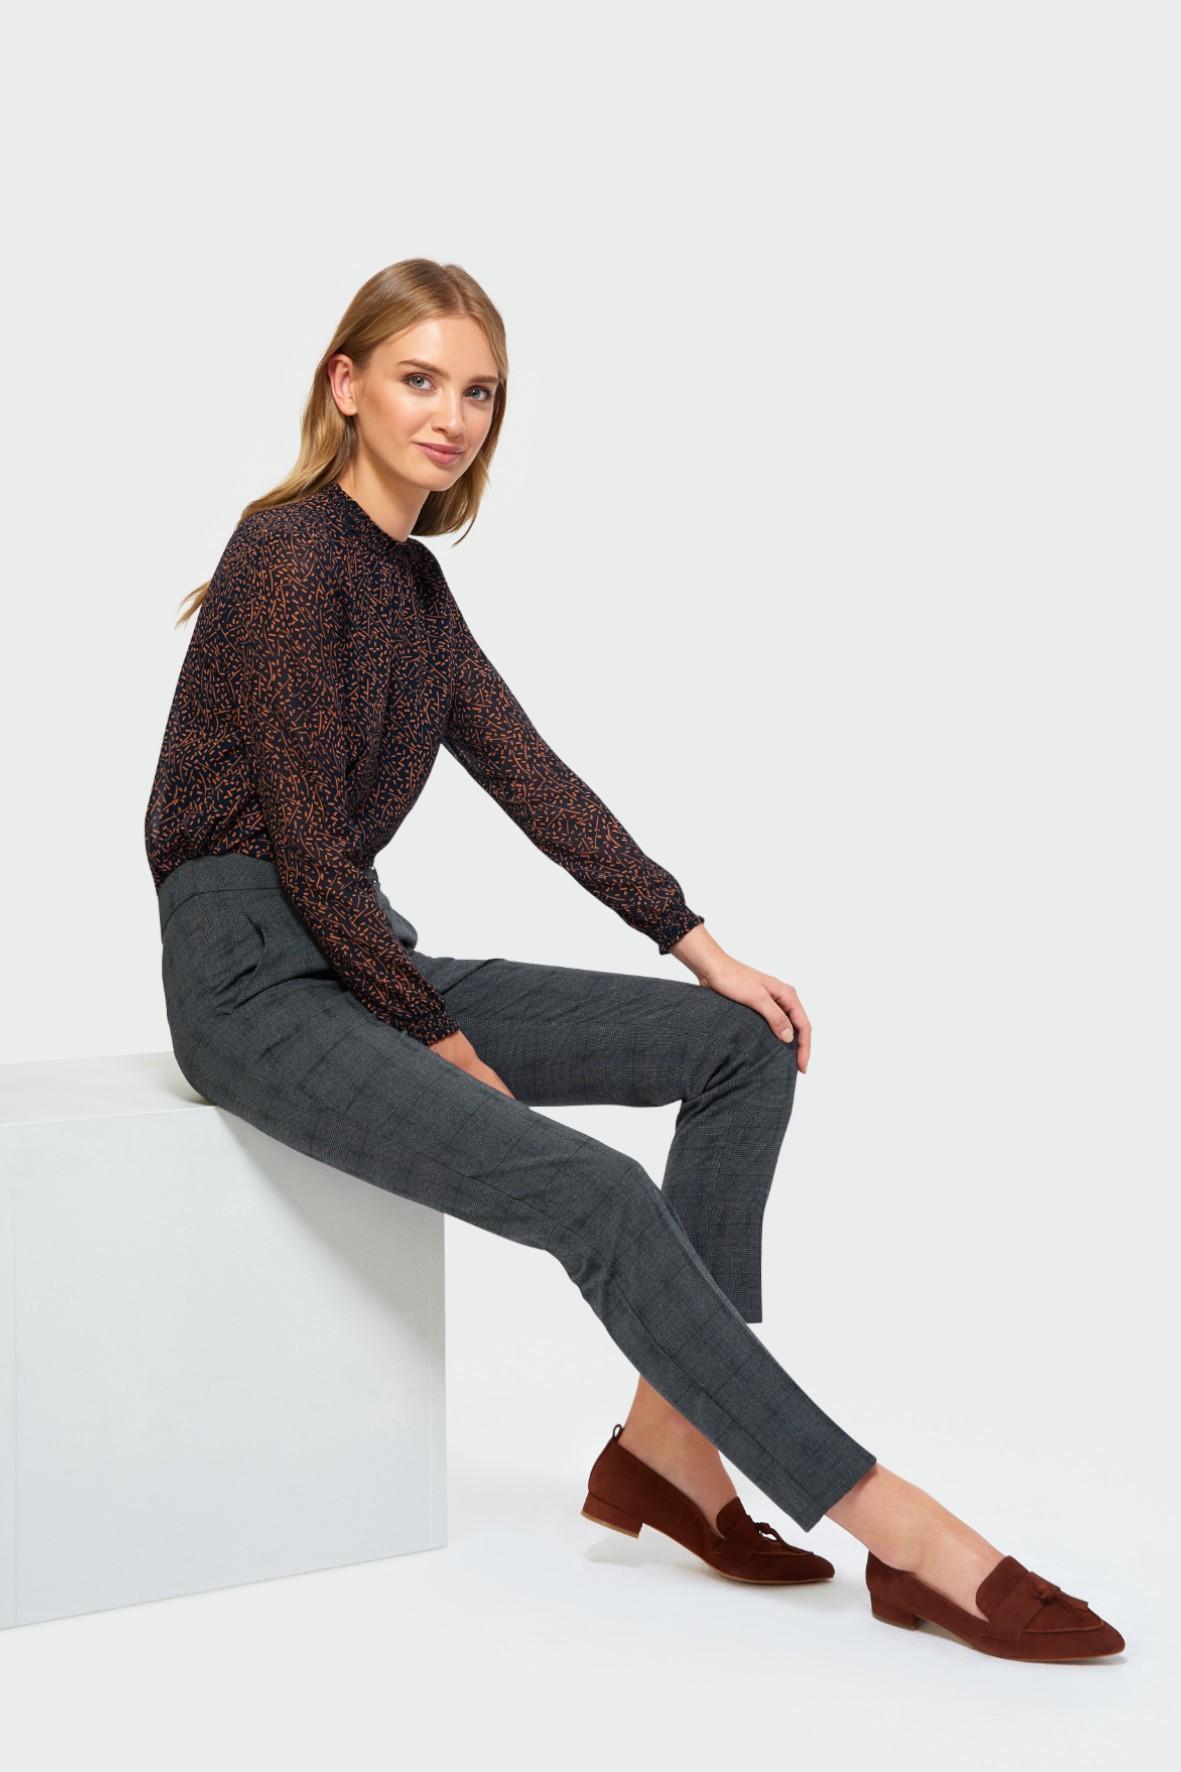 Eleganckie spodnie o klasycznym kroju - szare w kratę